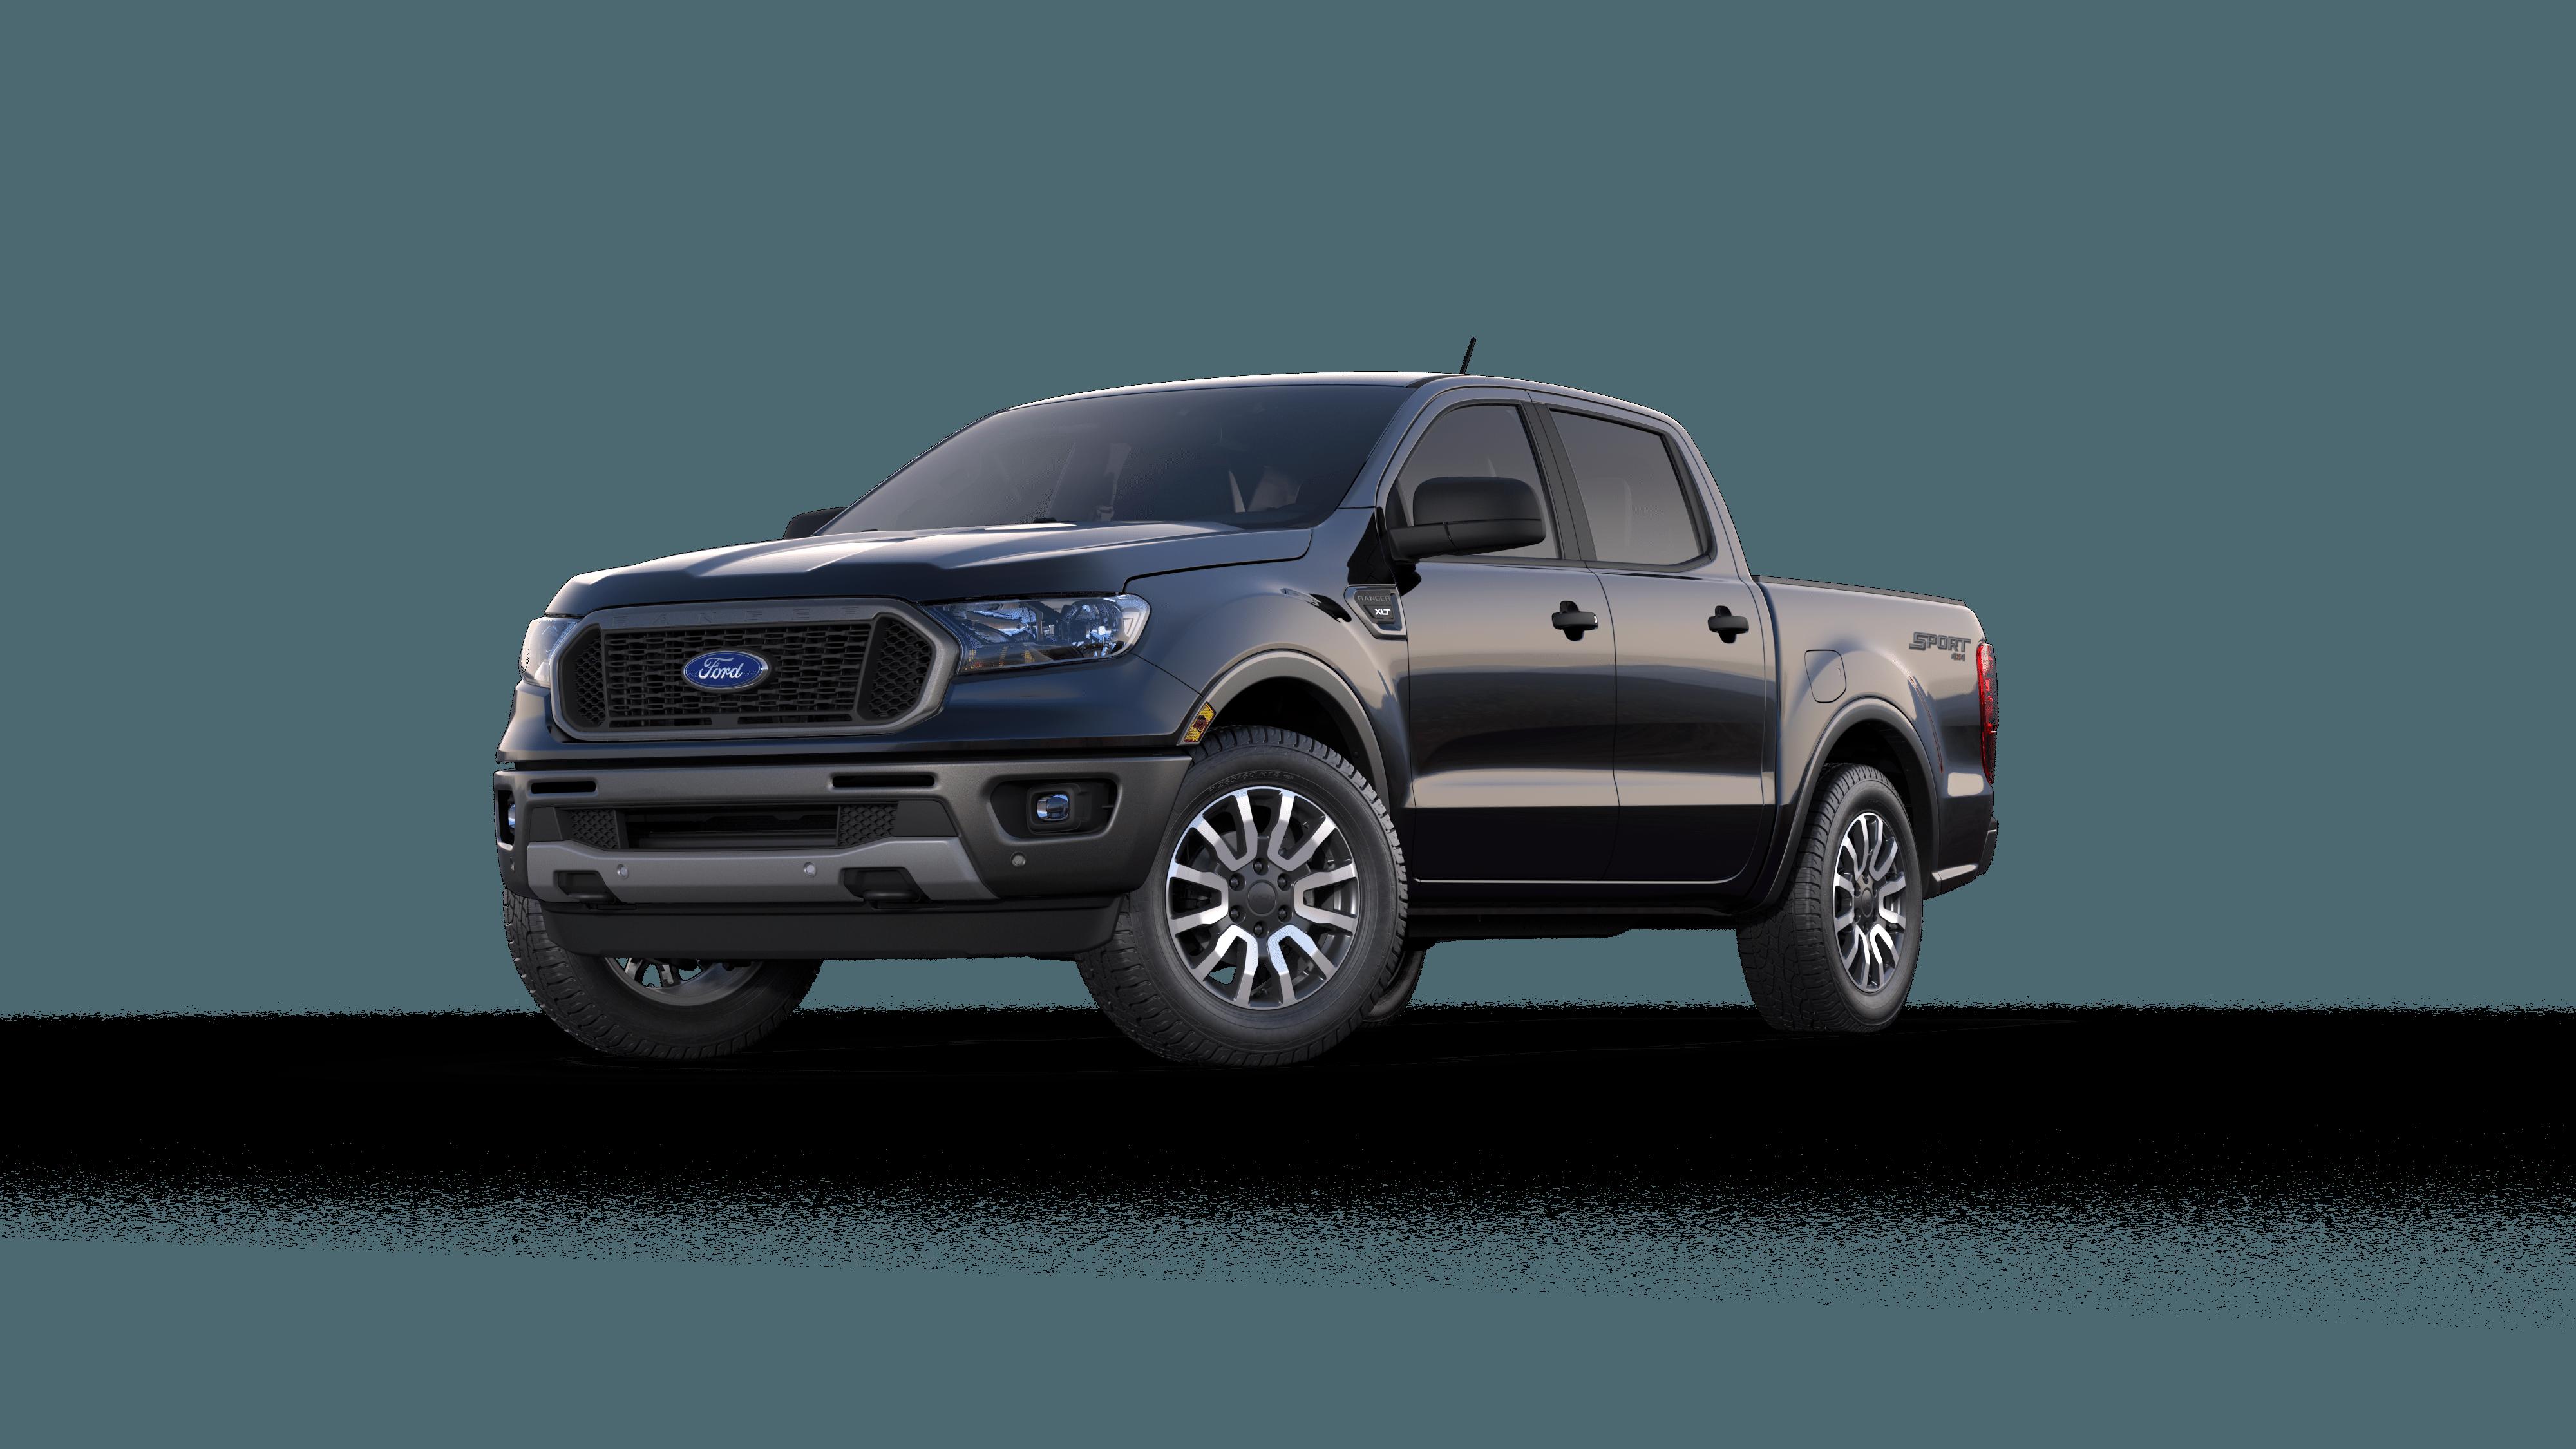 2019 Ford Ranger for sale in Elmira - 1FTER4FHXKLA03084 - Ferrario Ford